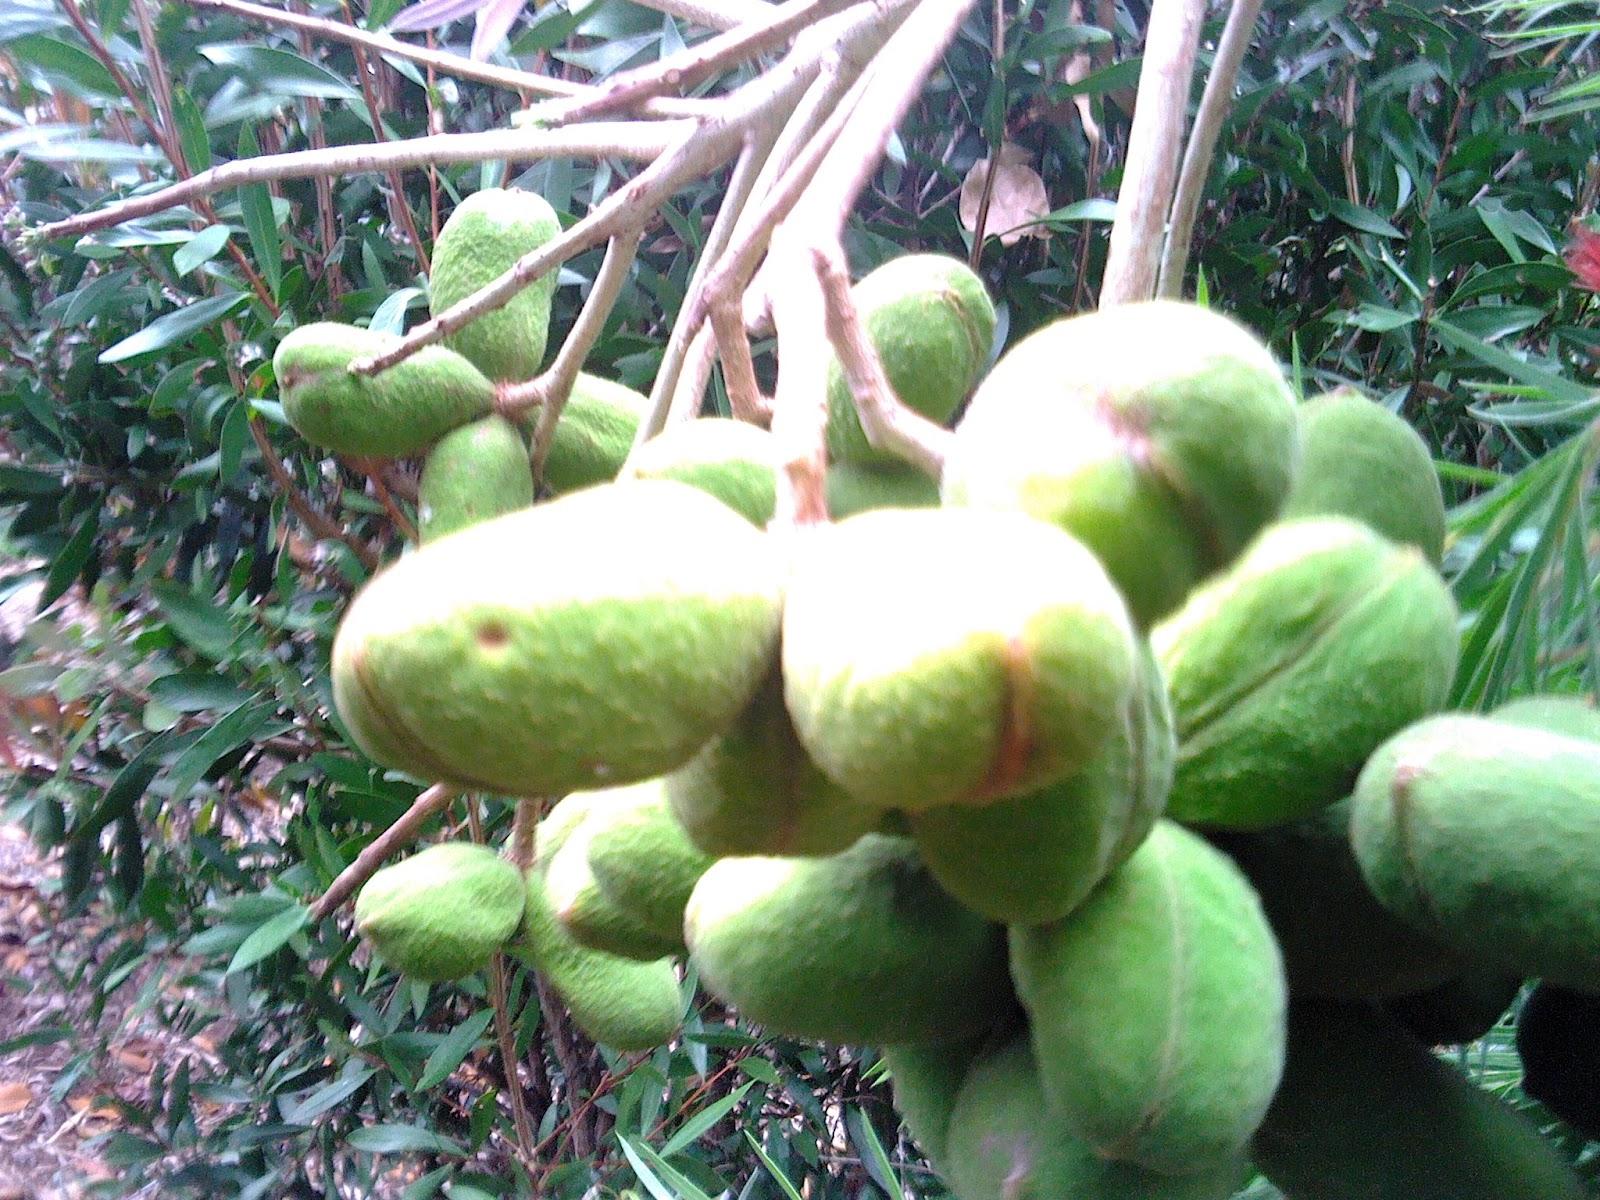 Botanist Backyard: Peanuts grow on Trees